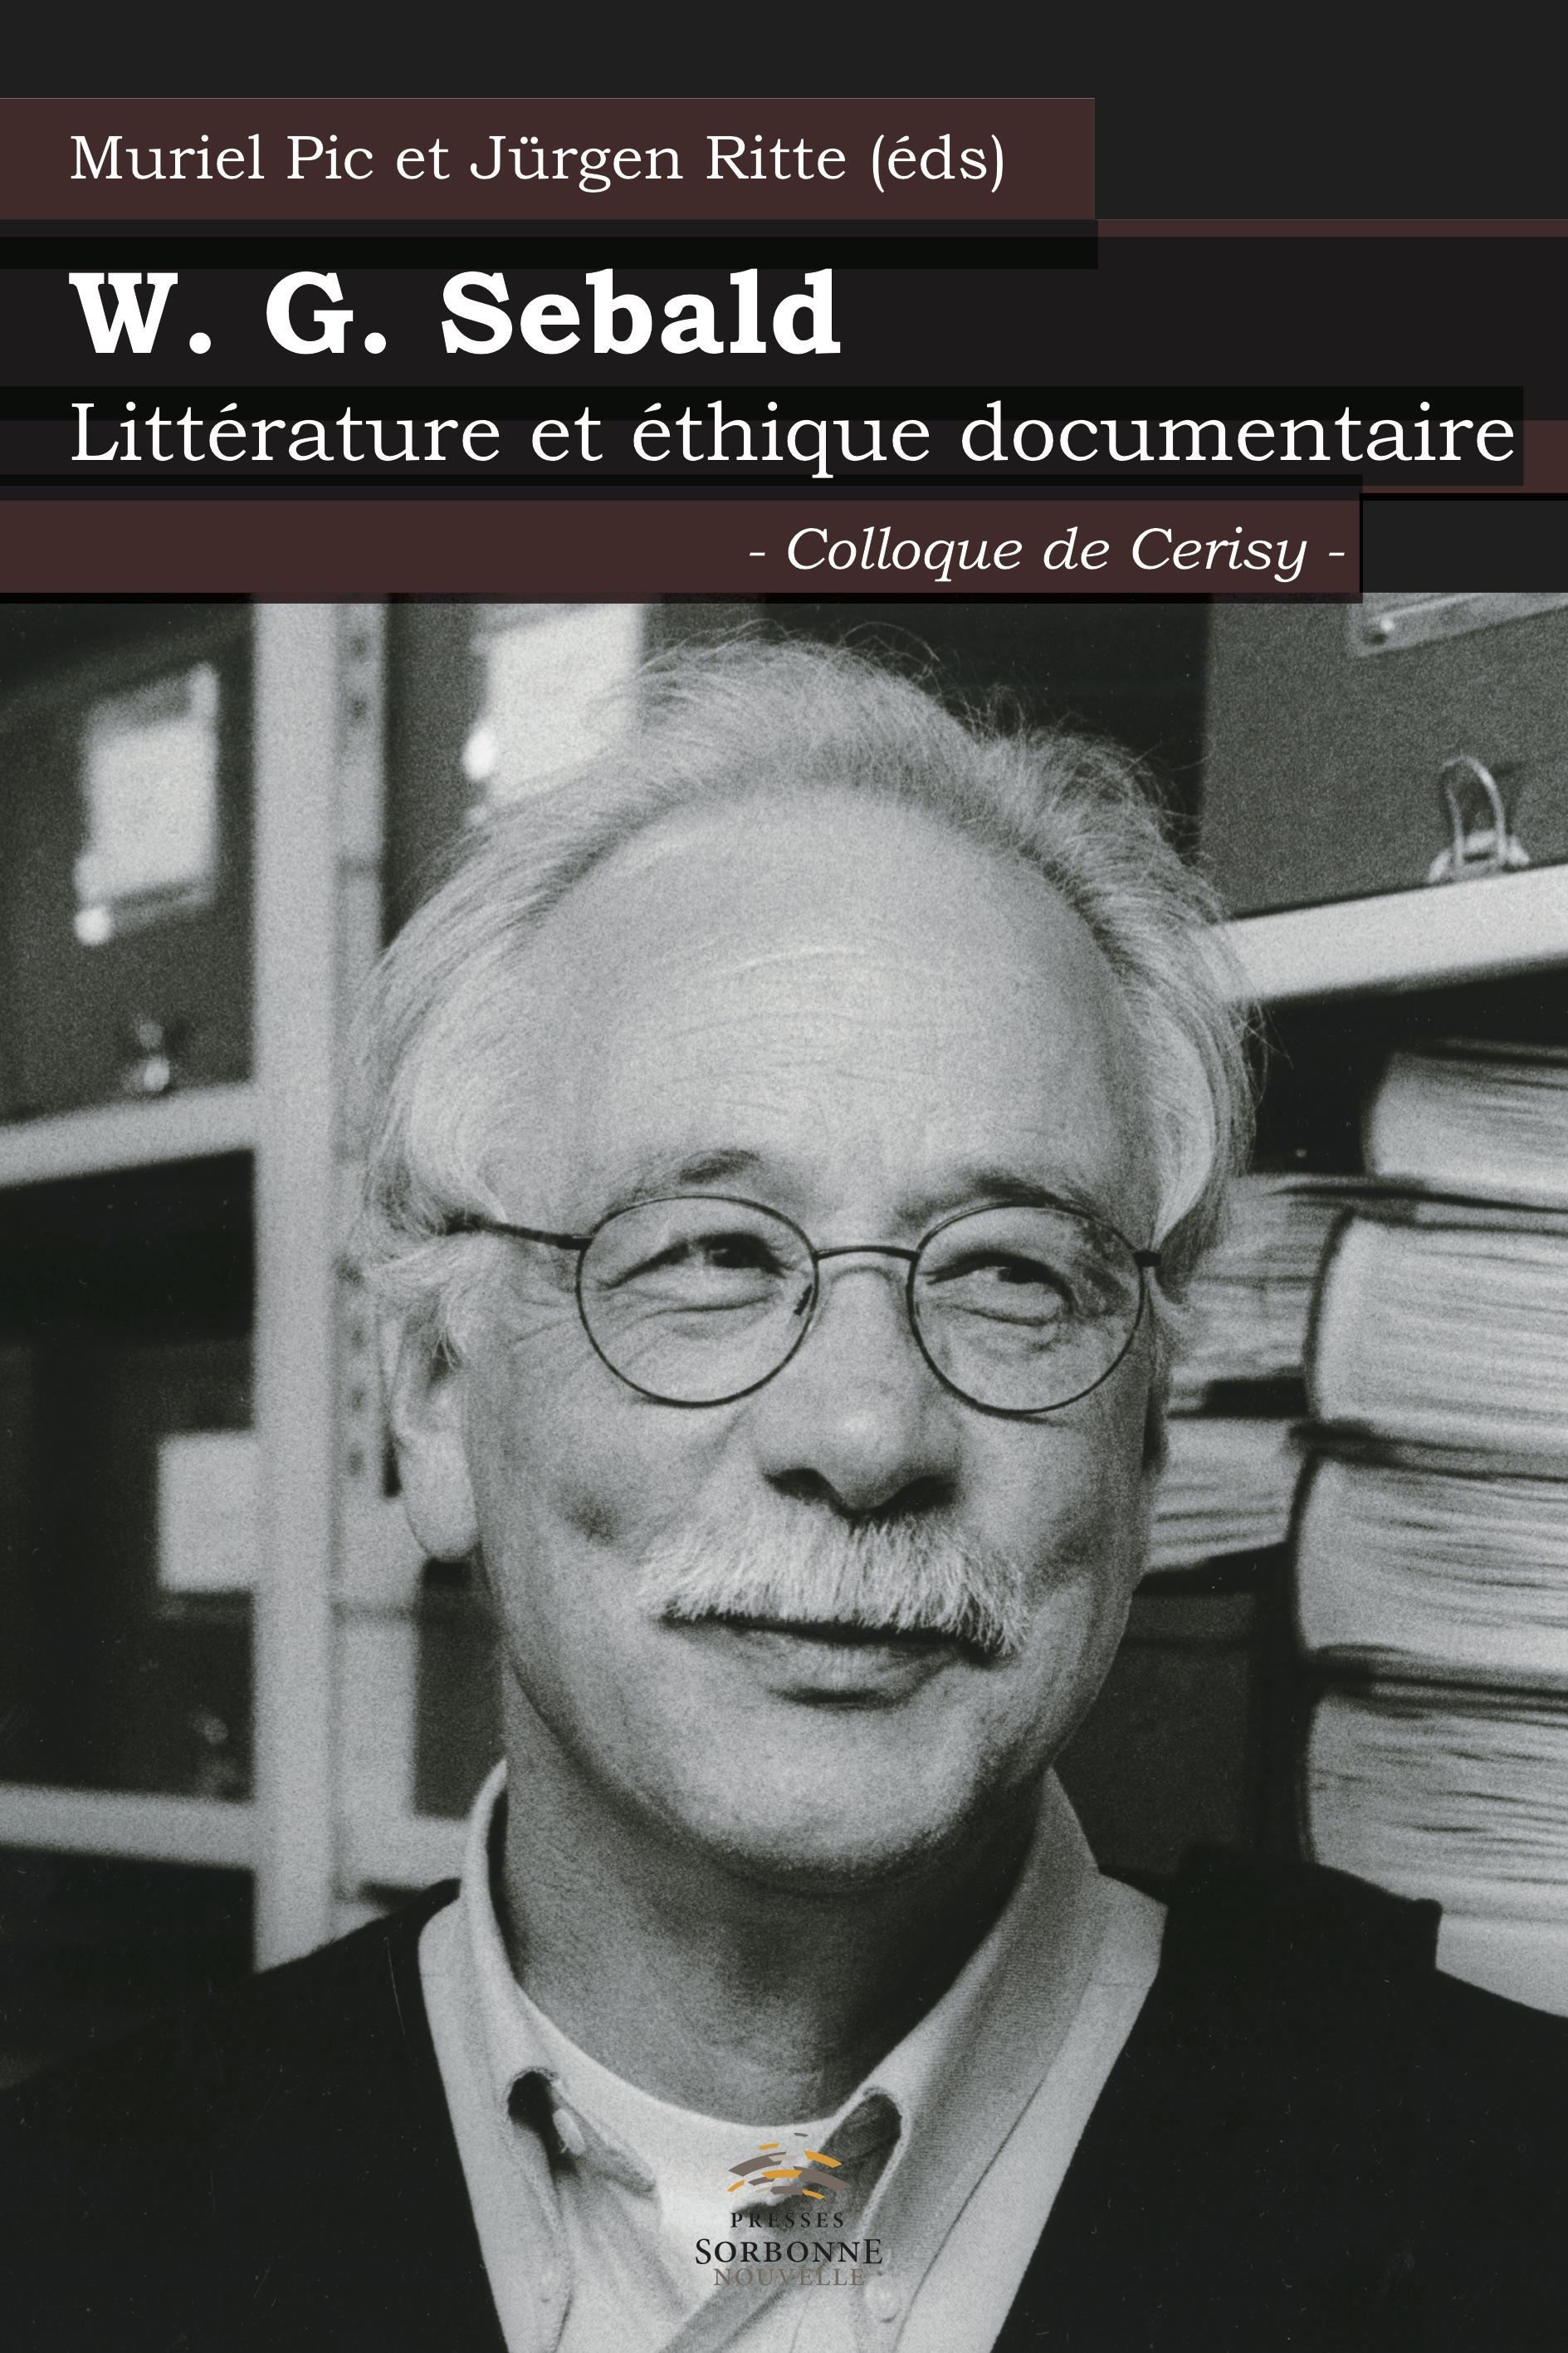 M. Pic, J. Ritte (dir.), W. G. Sebald. Littérature et éthique documentaire